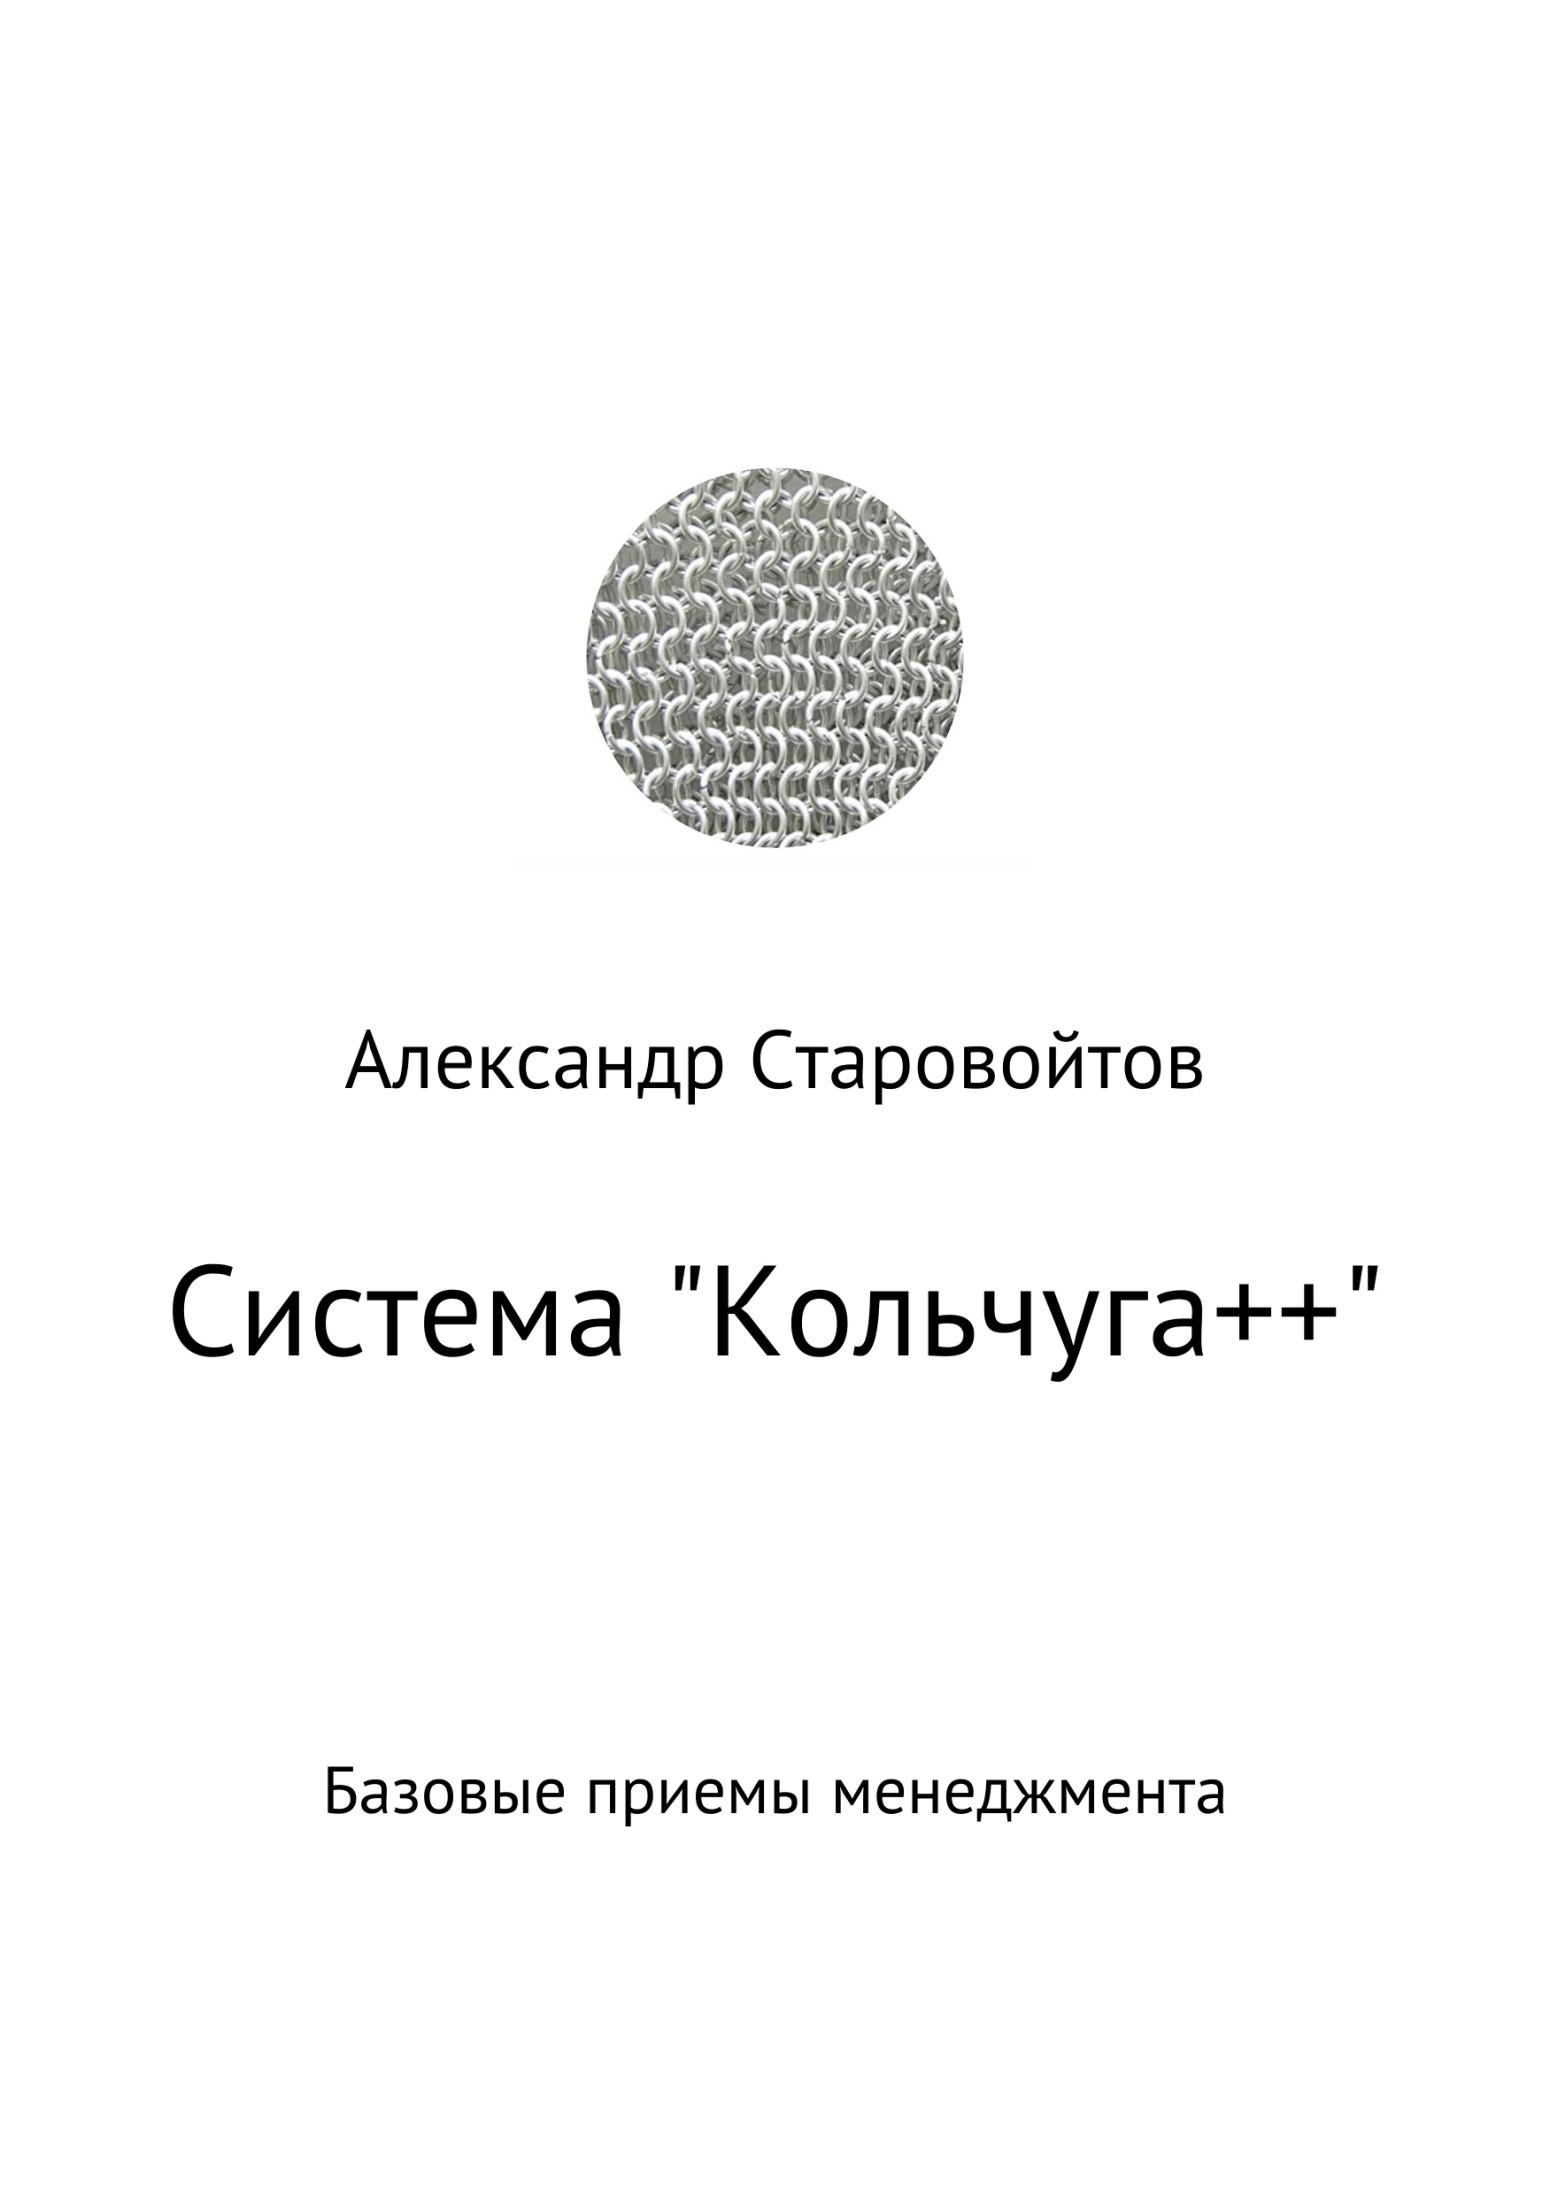 Александр Валерьевич Старовойтов. Система «Кольчуга++». Базовые приемы управления